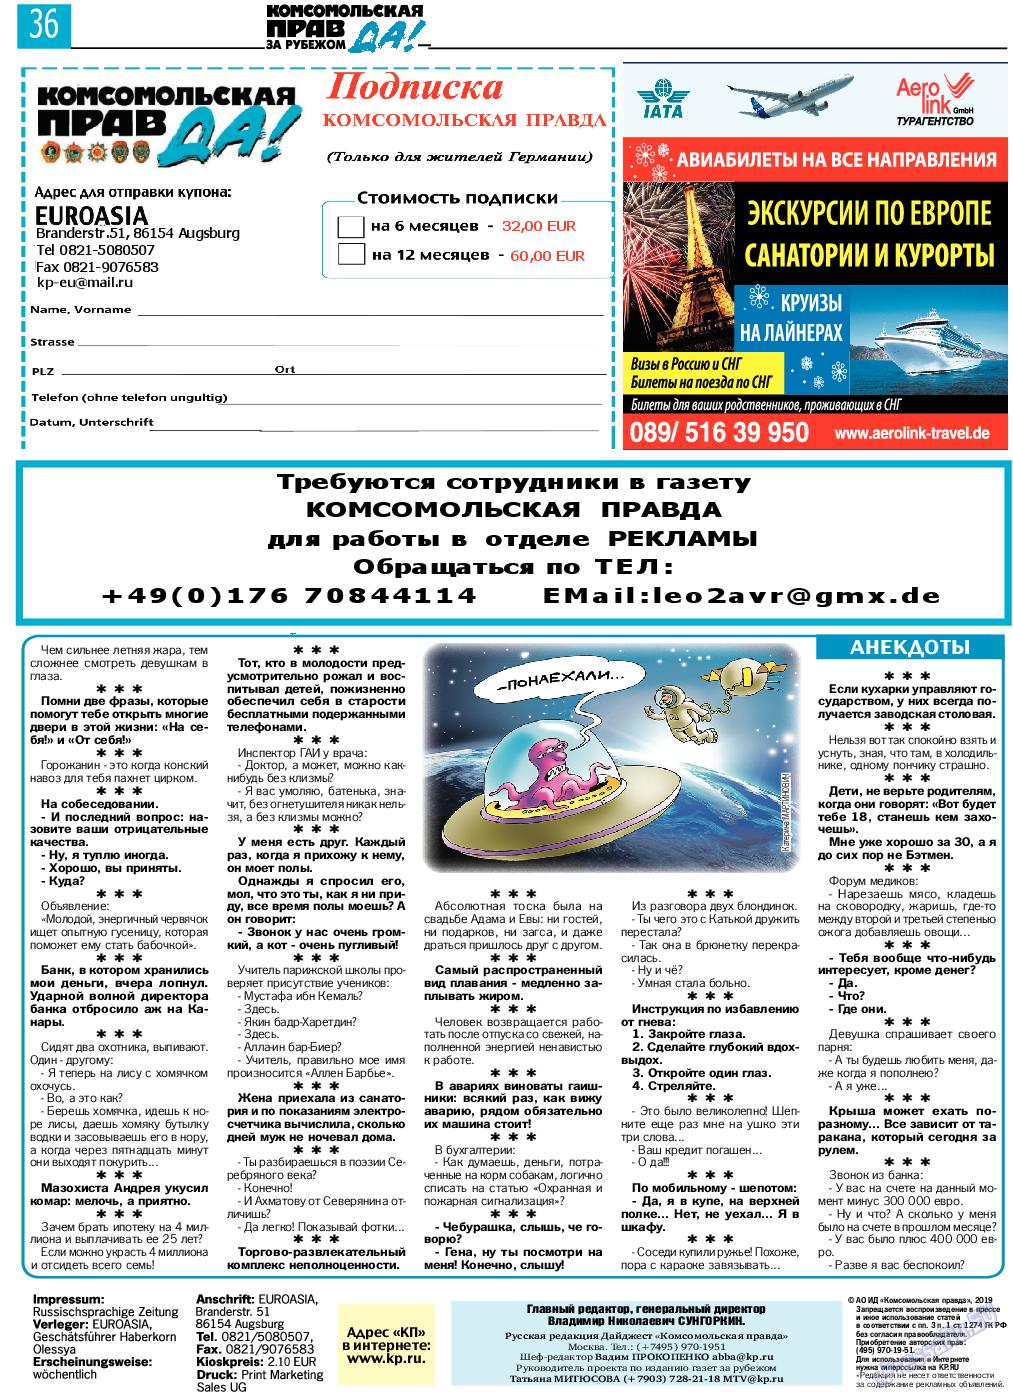 КП в Европе (газета). 2019 год, номер 27, стр. 36